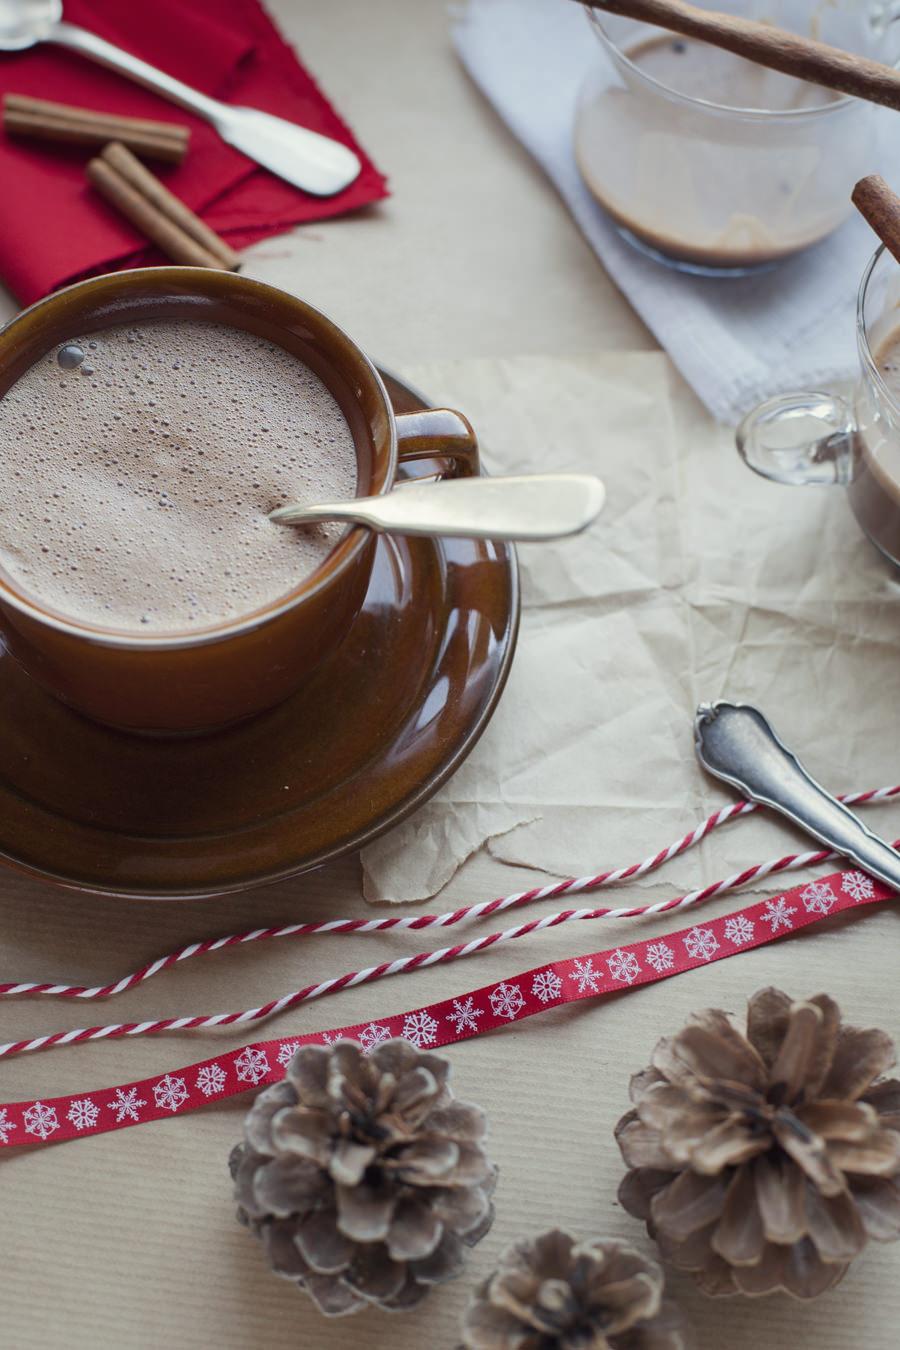 hiszpańska gorąca czekolada zdjęcie